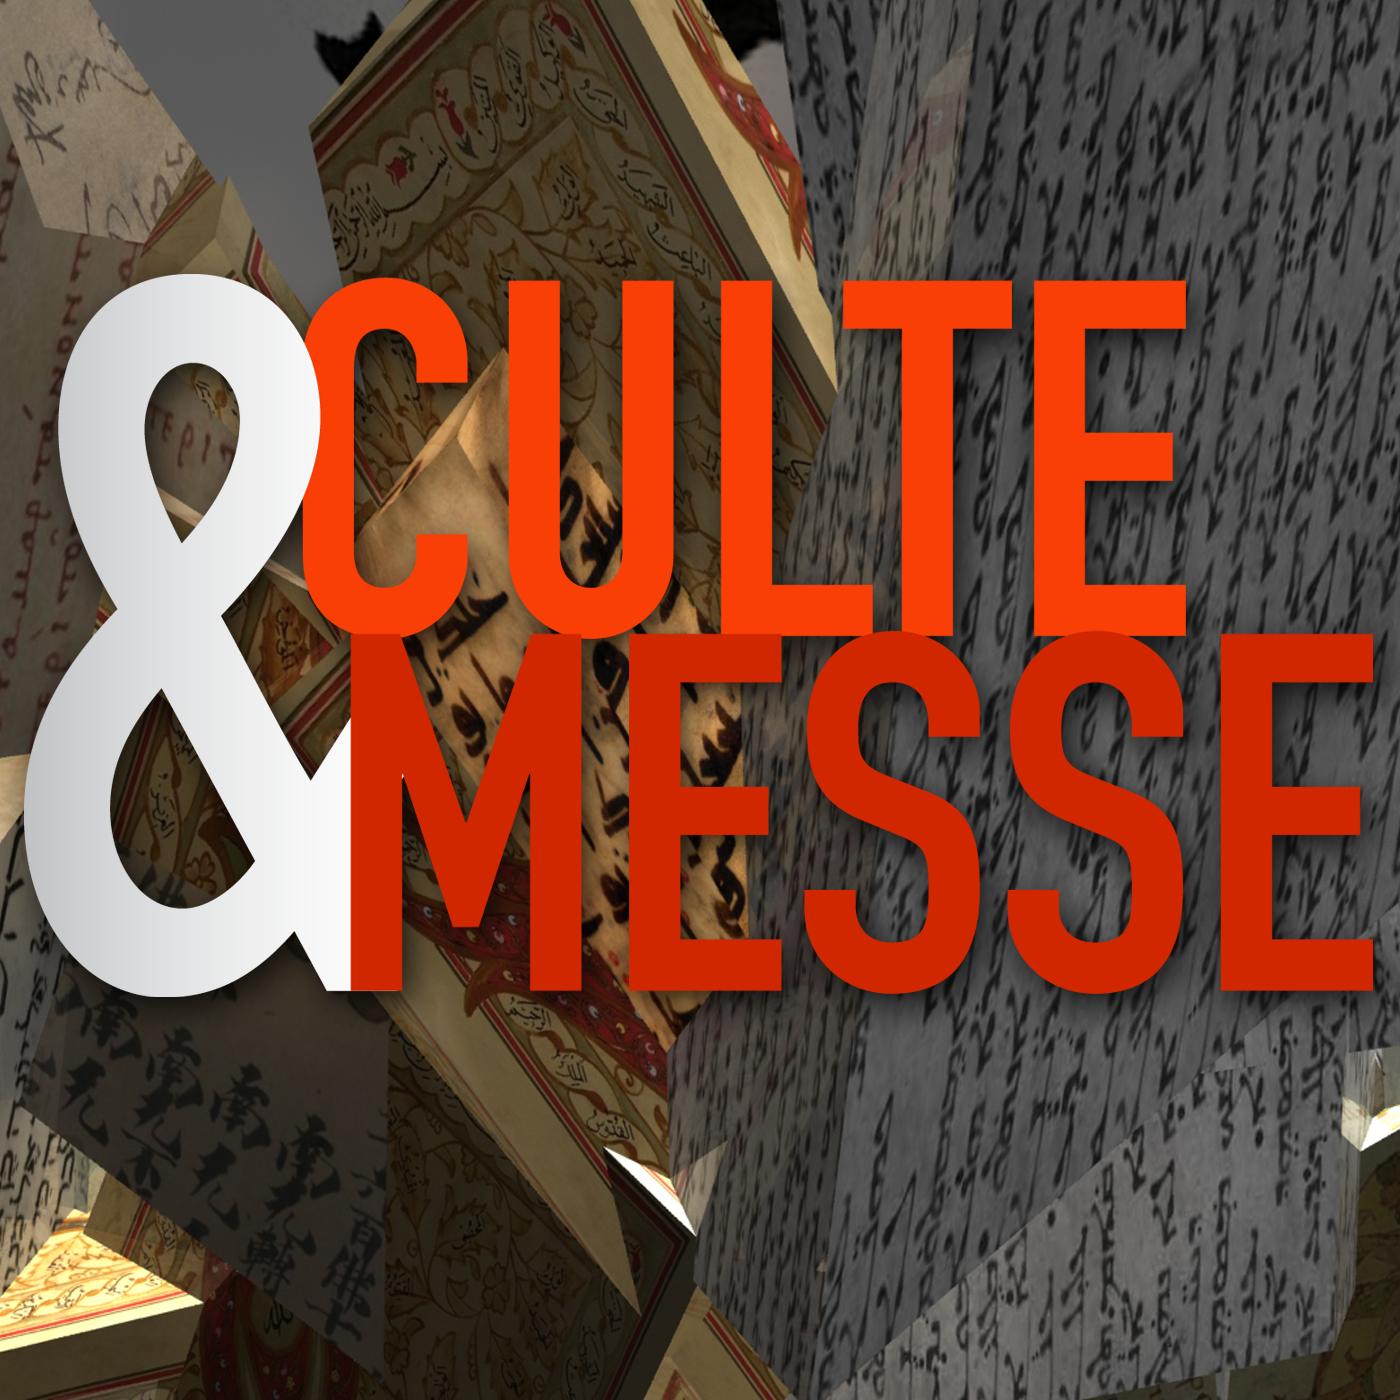 Culte et messe - RTS